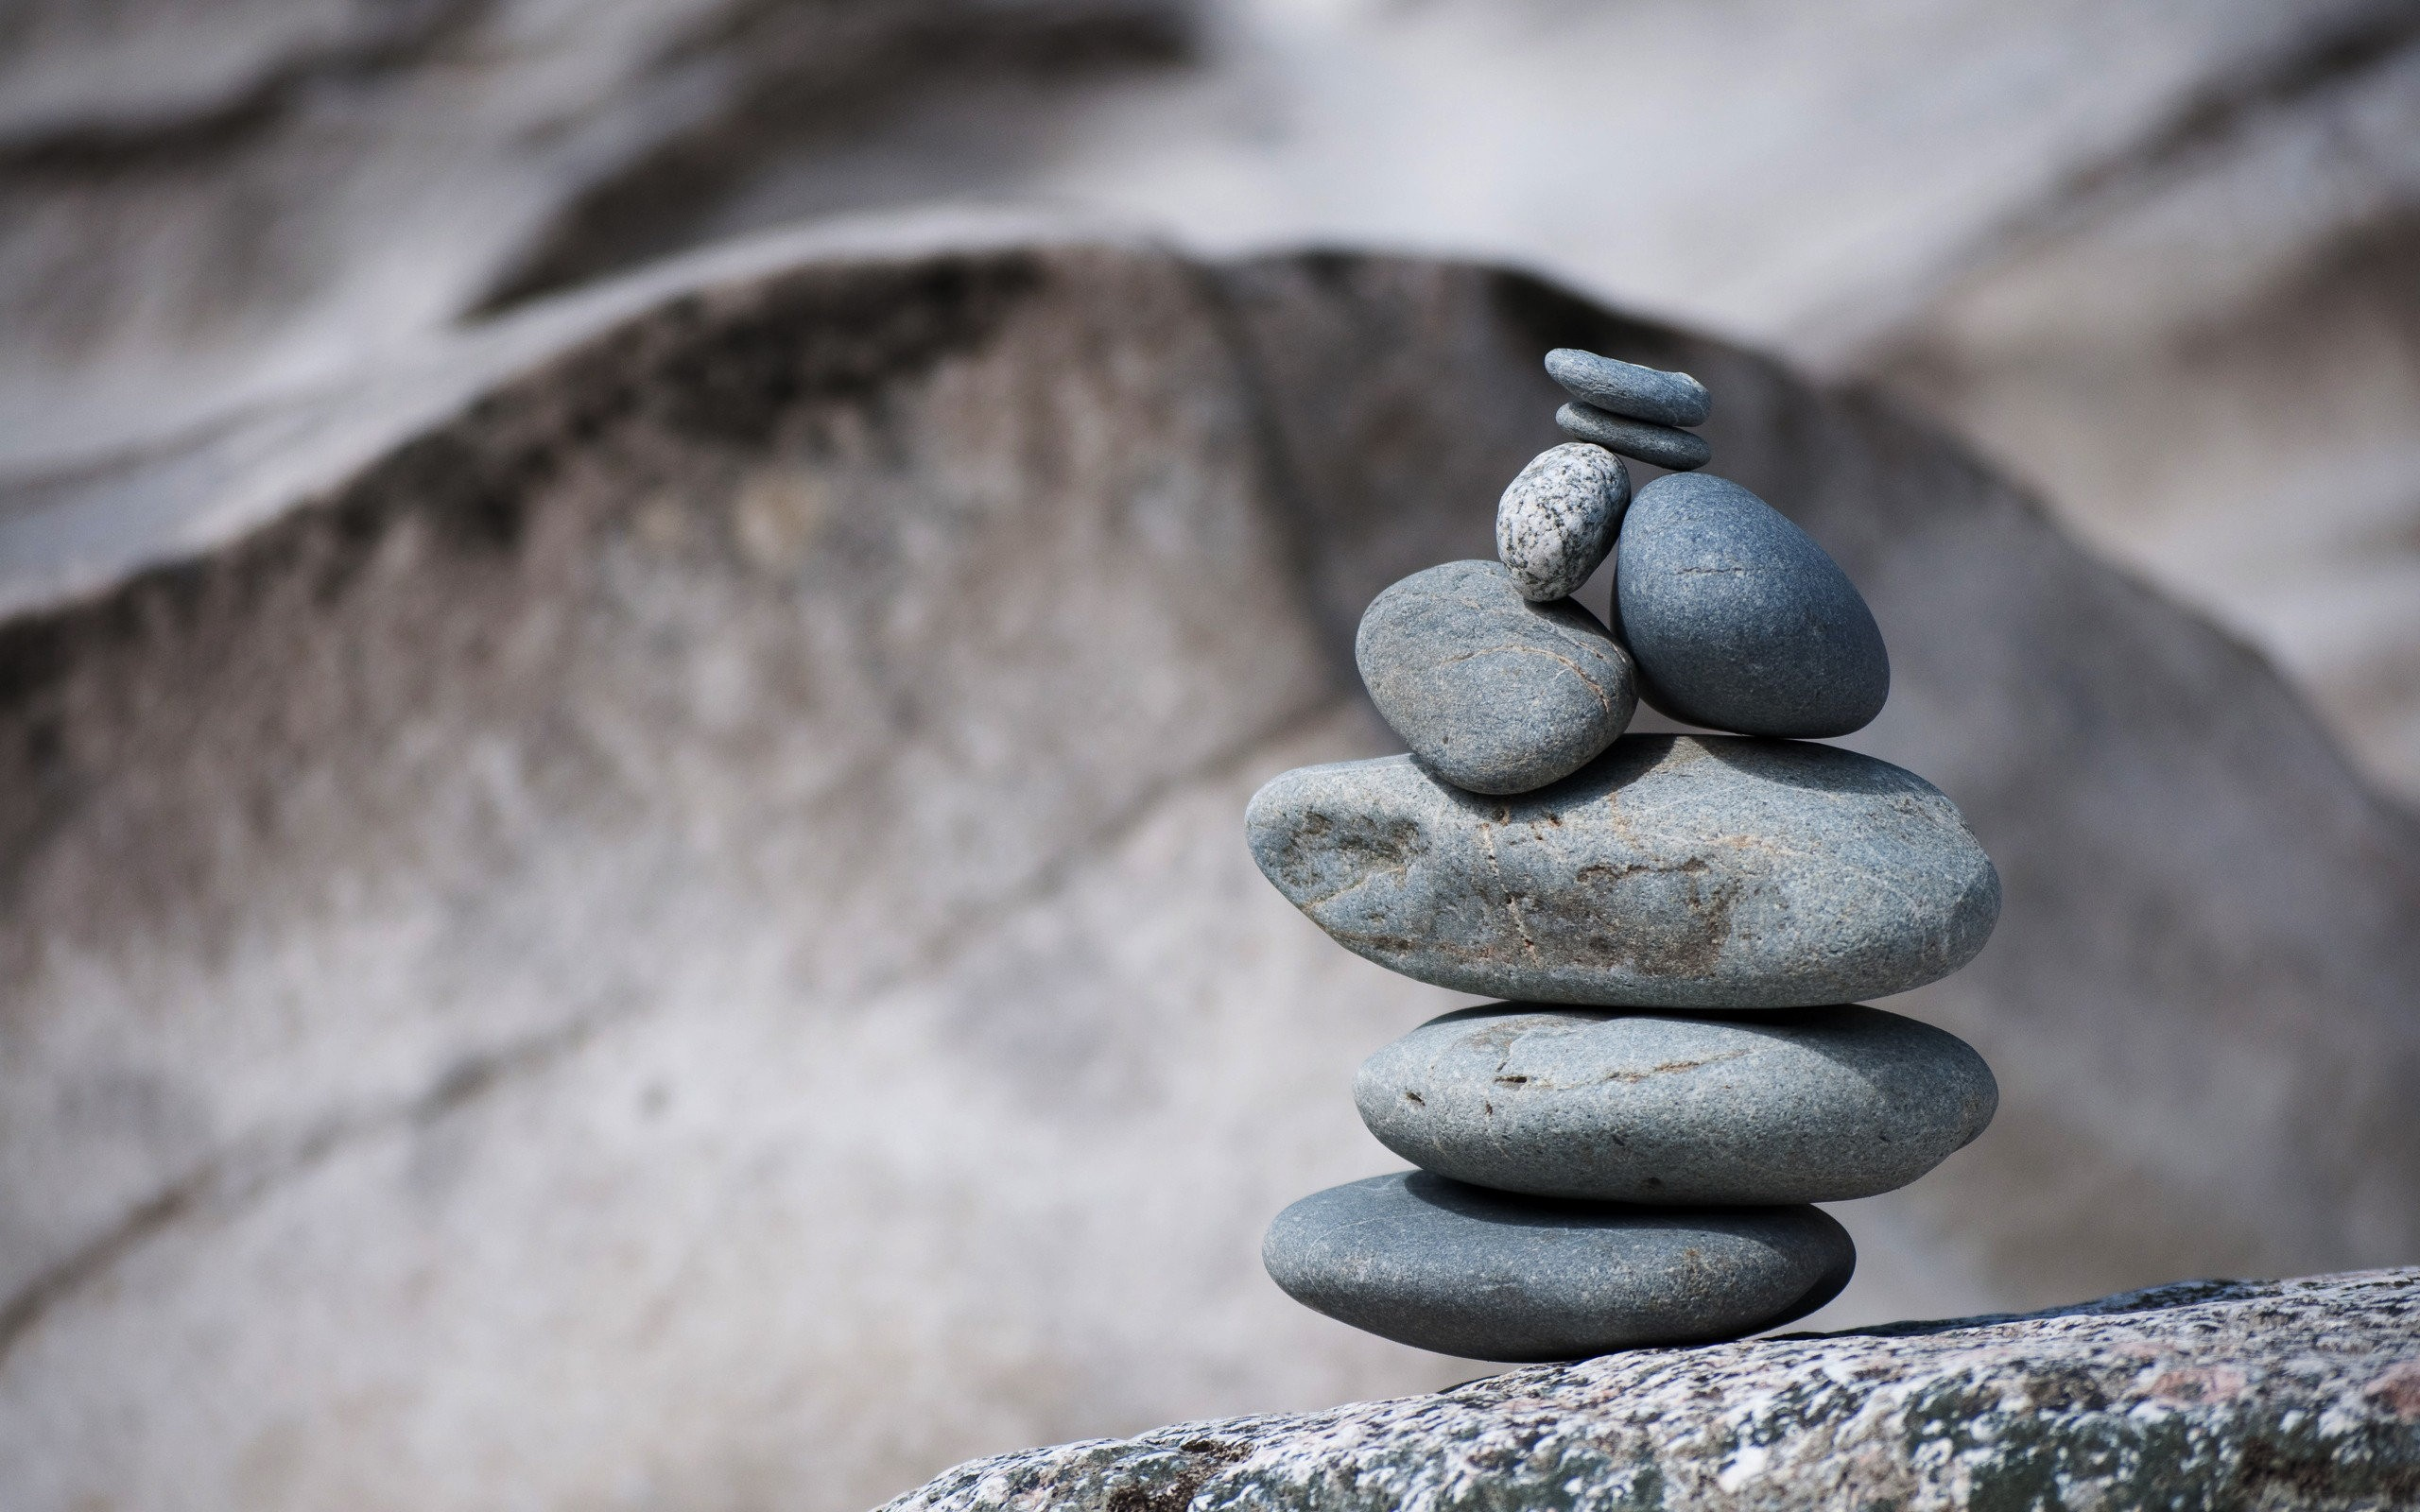 Камни Stones без смс